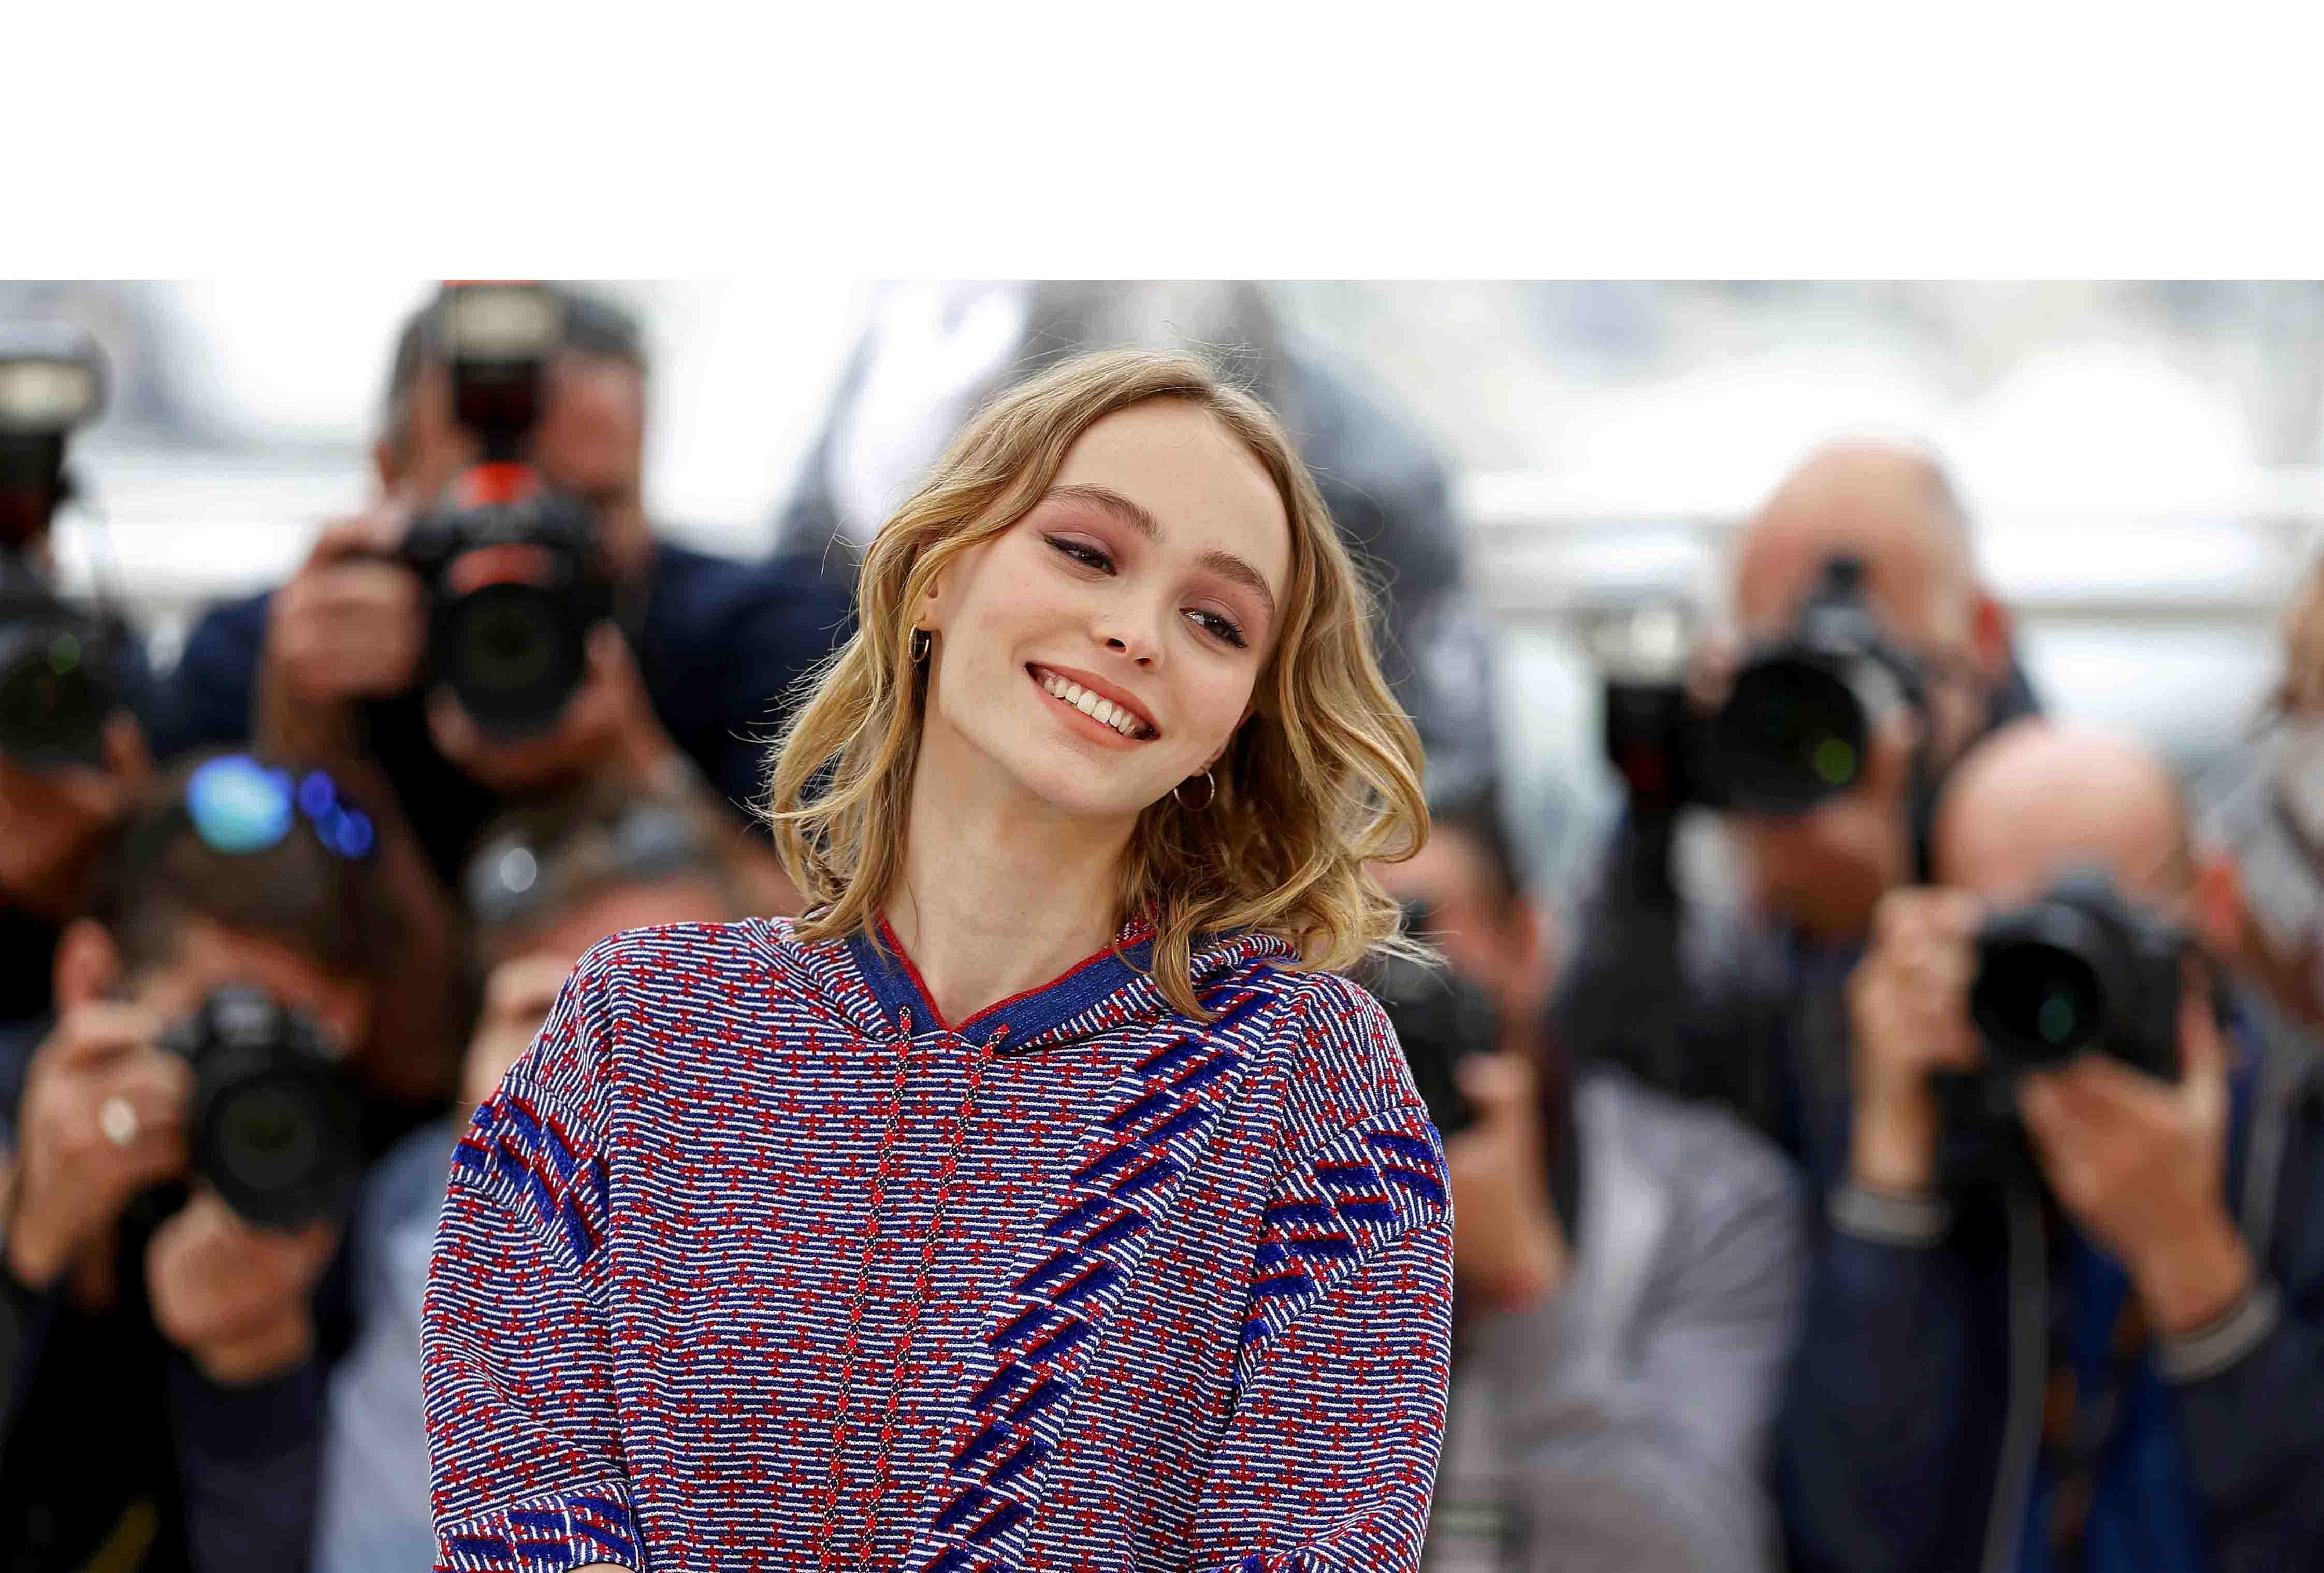 La joven modelo nuevamente trabajará con la importante casa de moda francesa